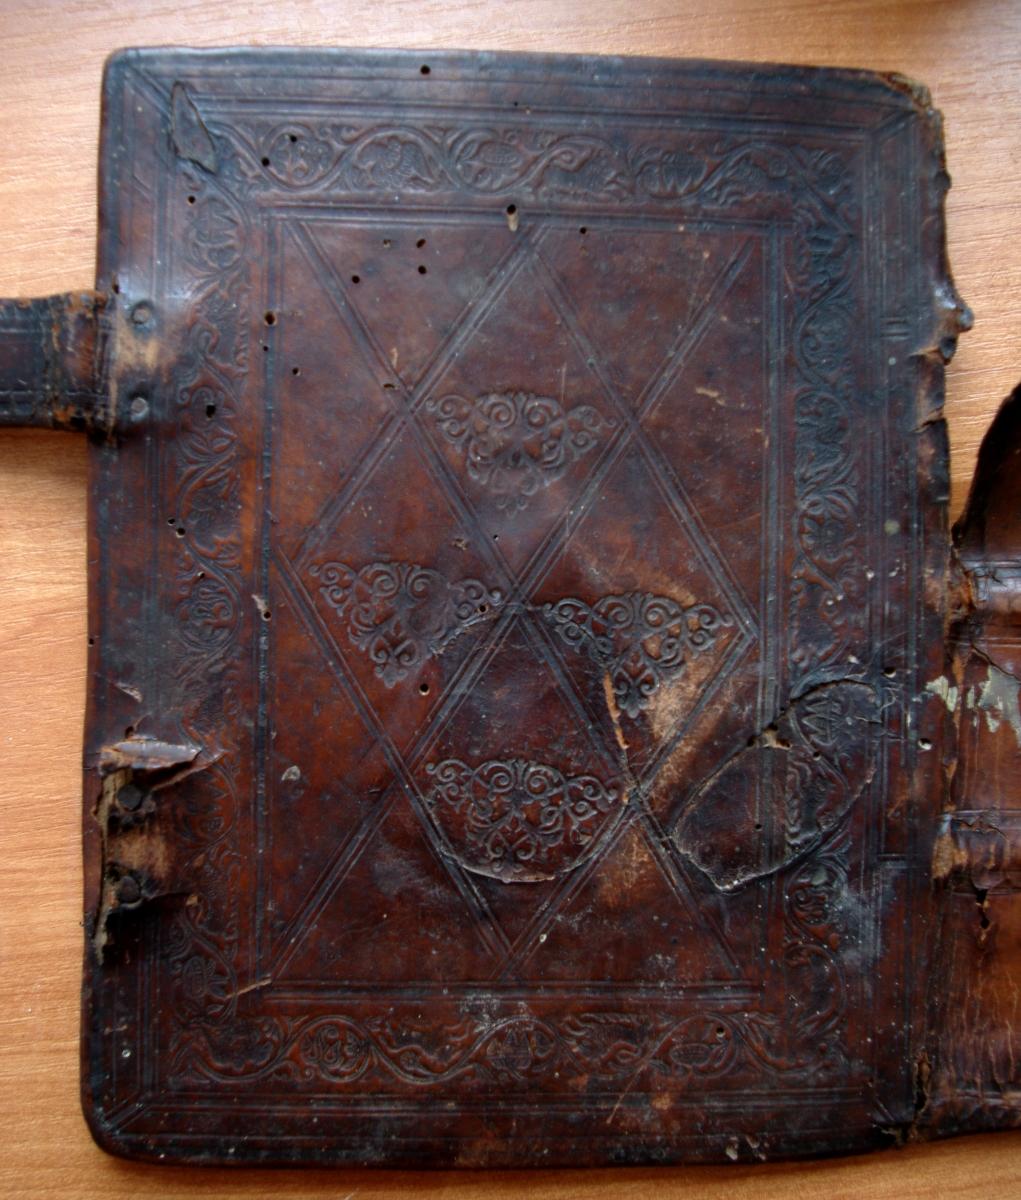 Псалтирь 19 века во время реставрации. Задняя крышка.